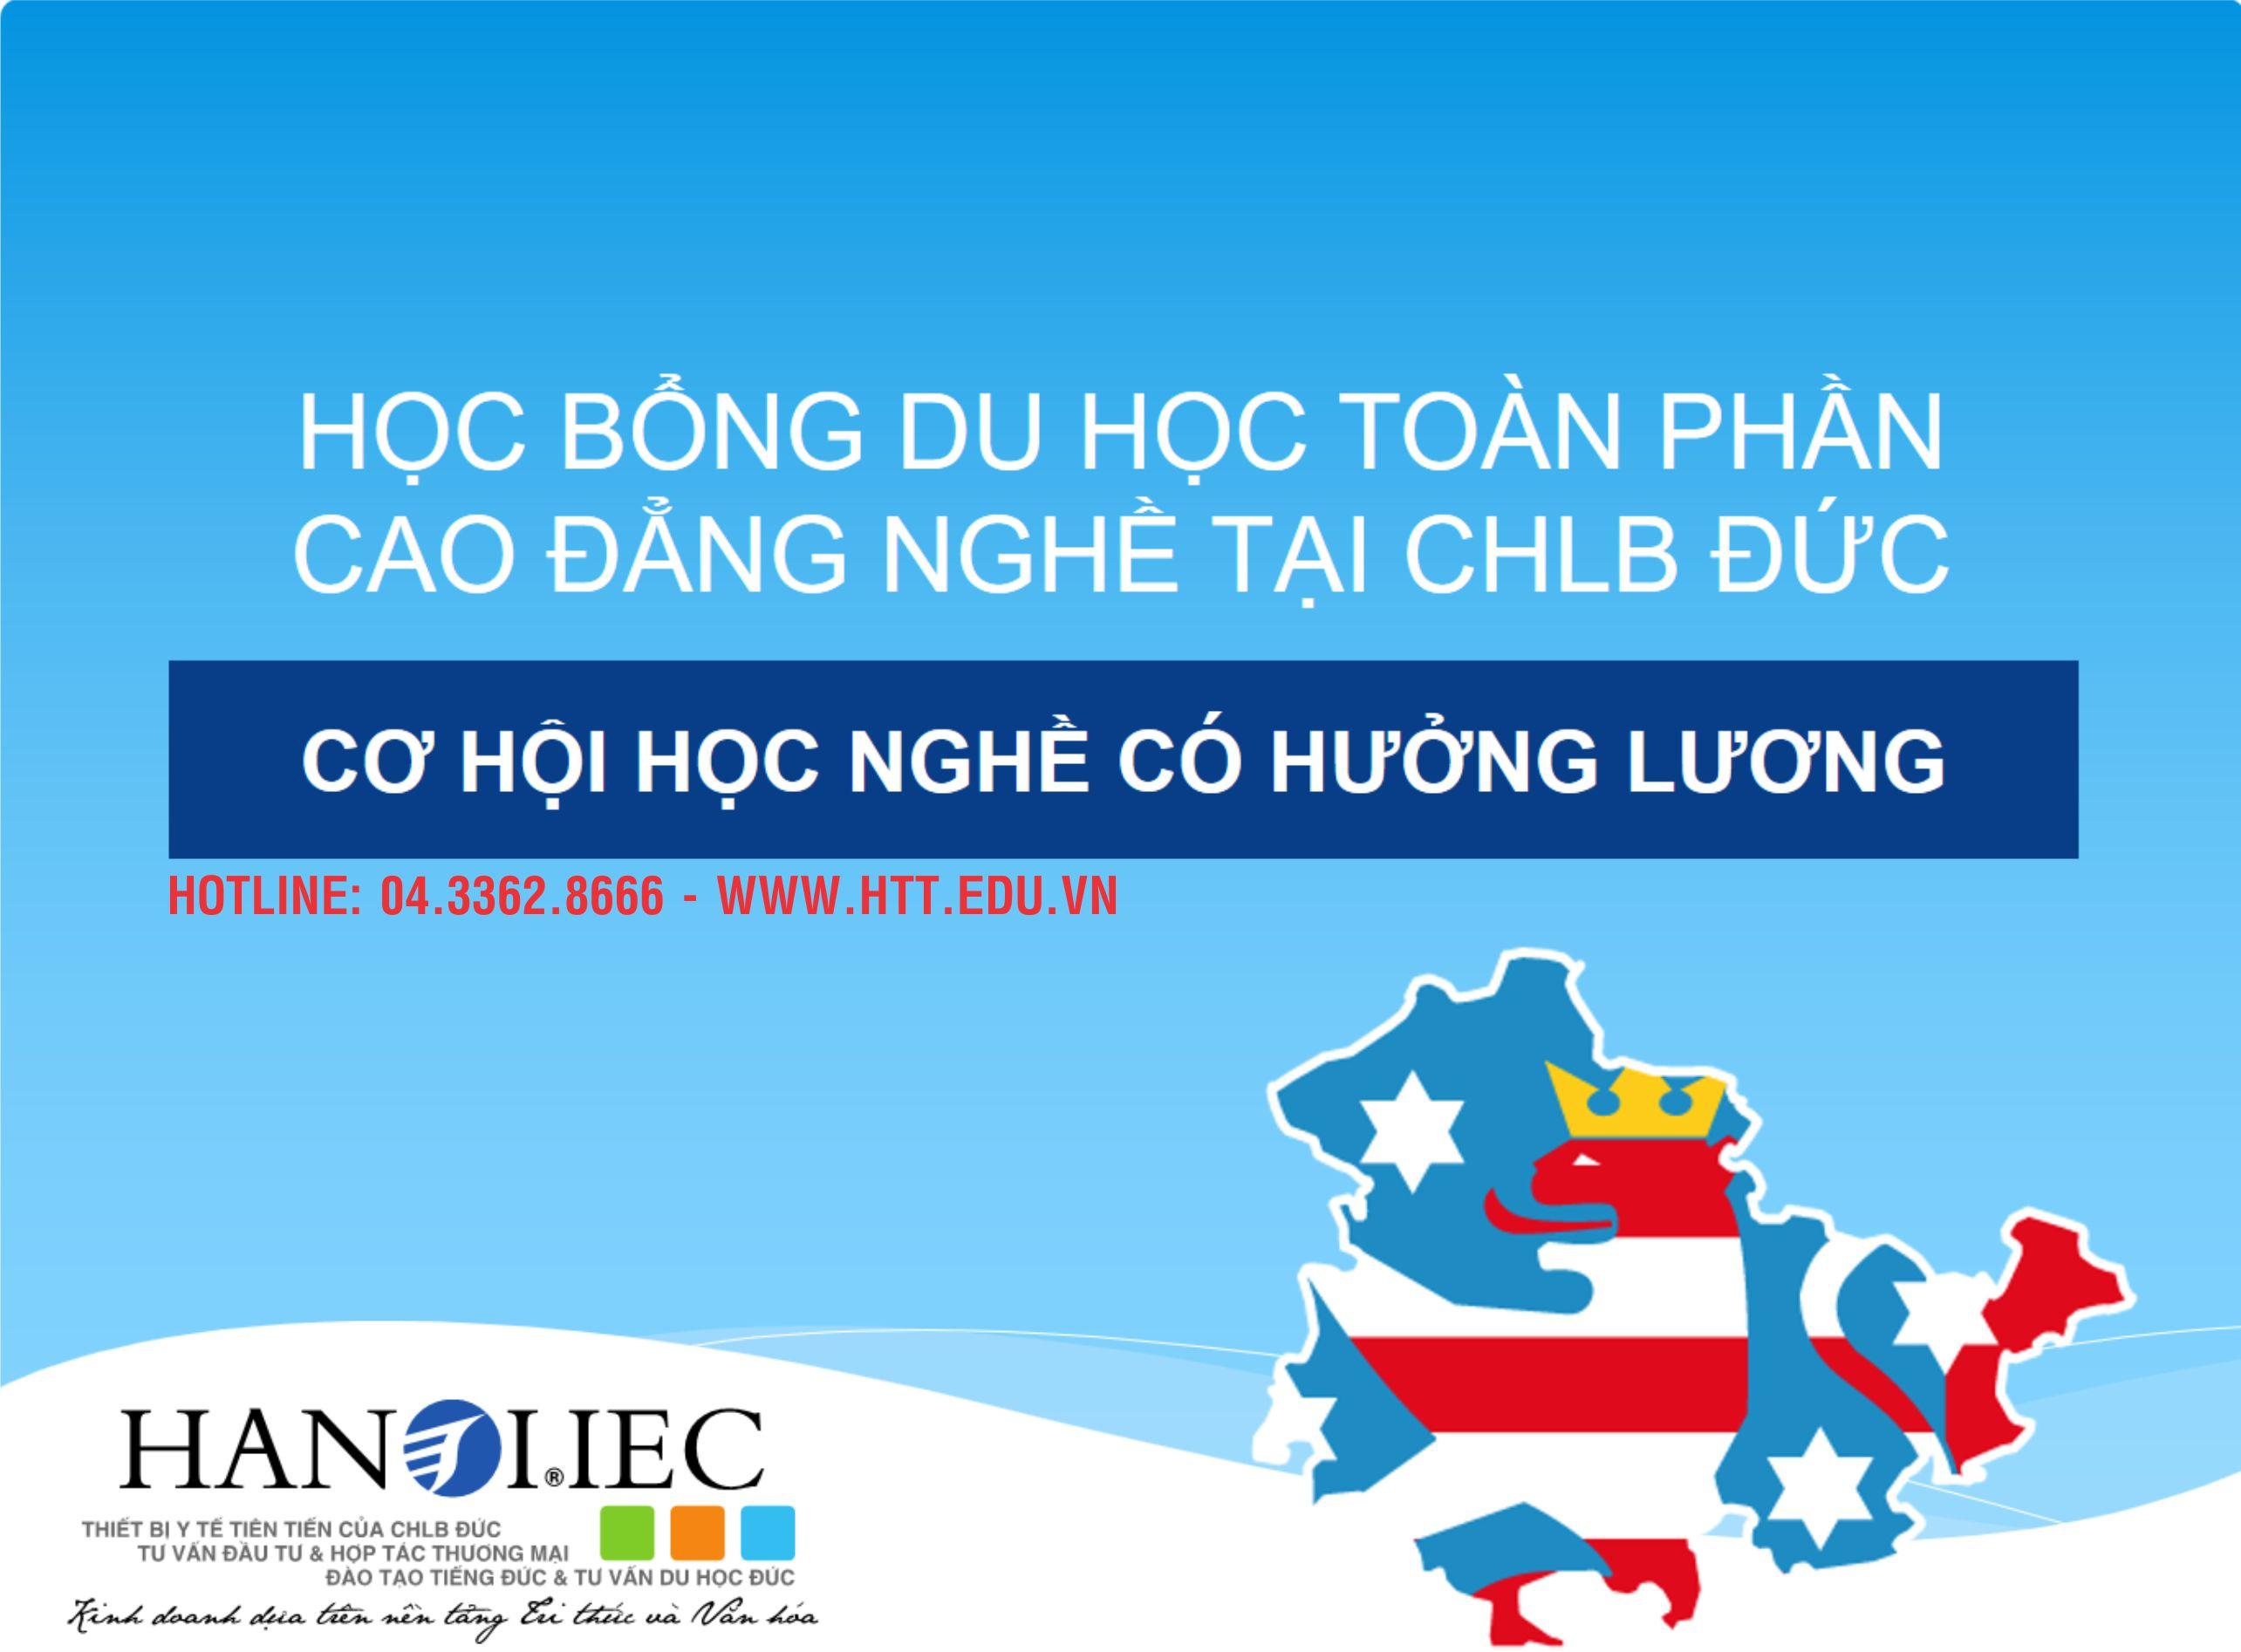 hoc-bong-duc-co-huong-luong-htt.edu.vn